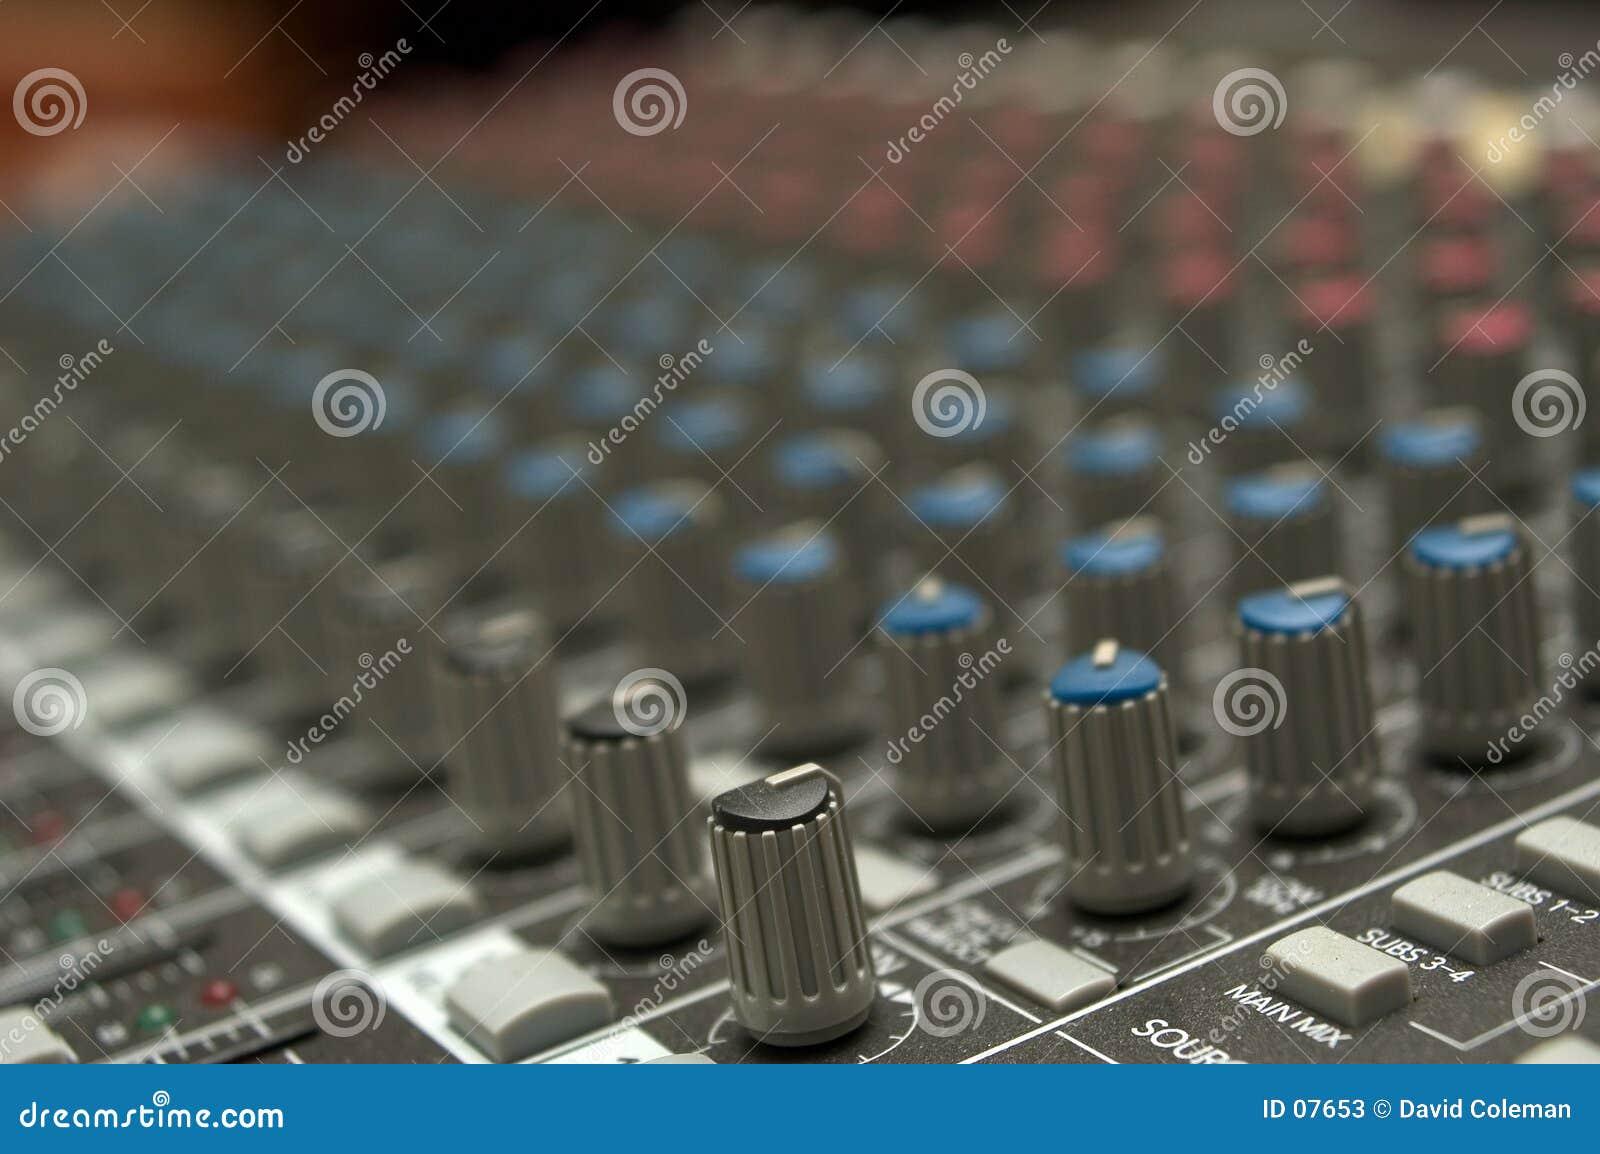 Sound board controls